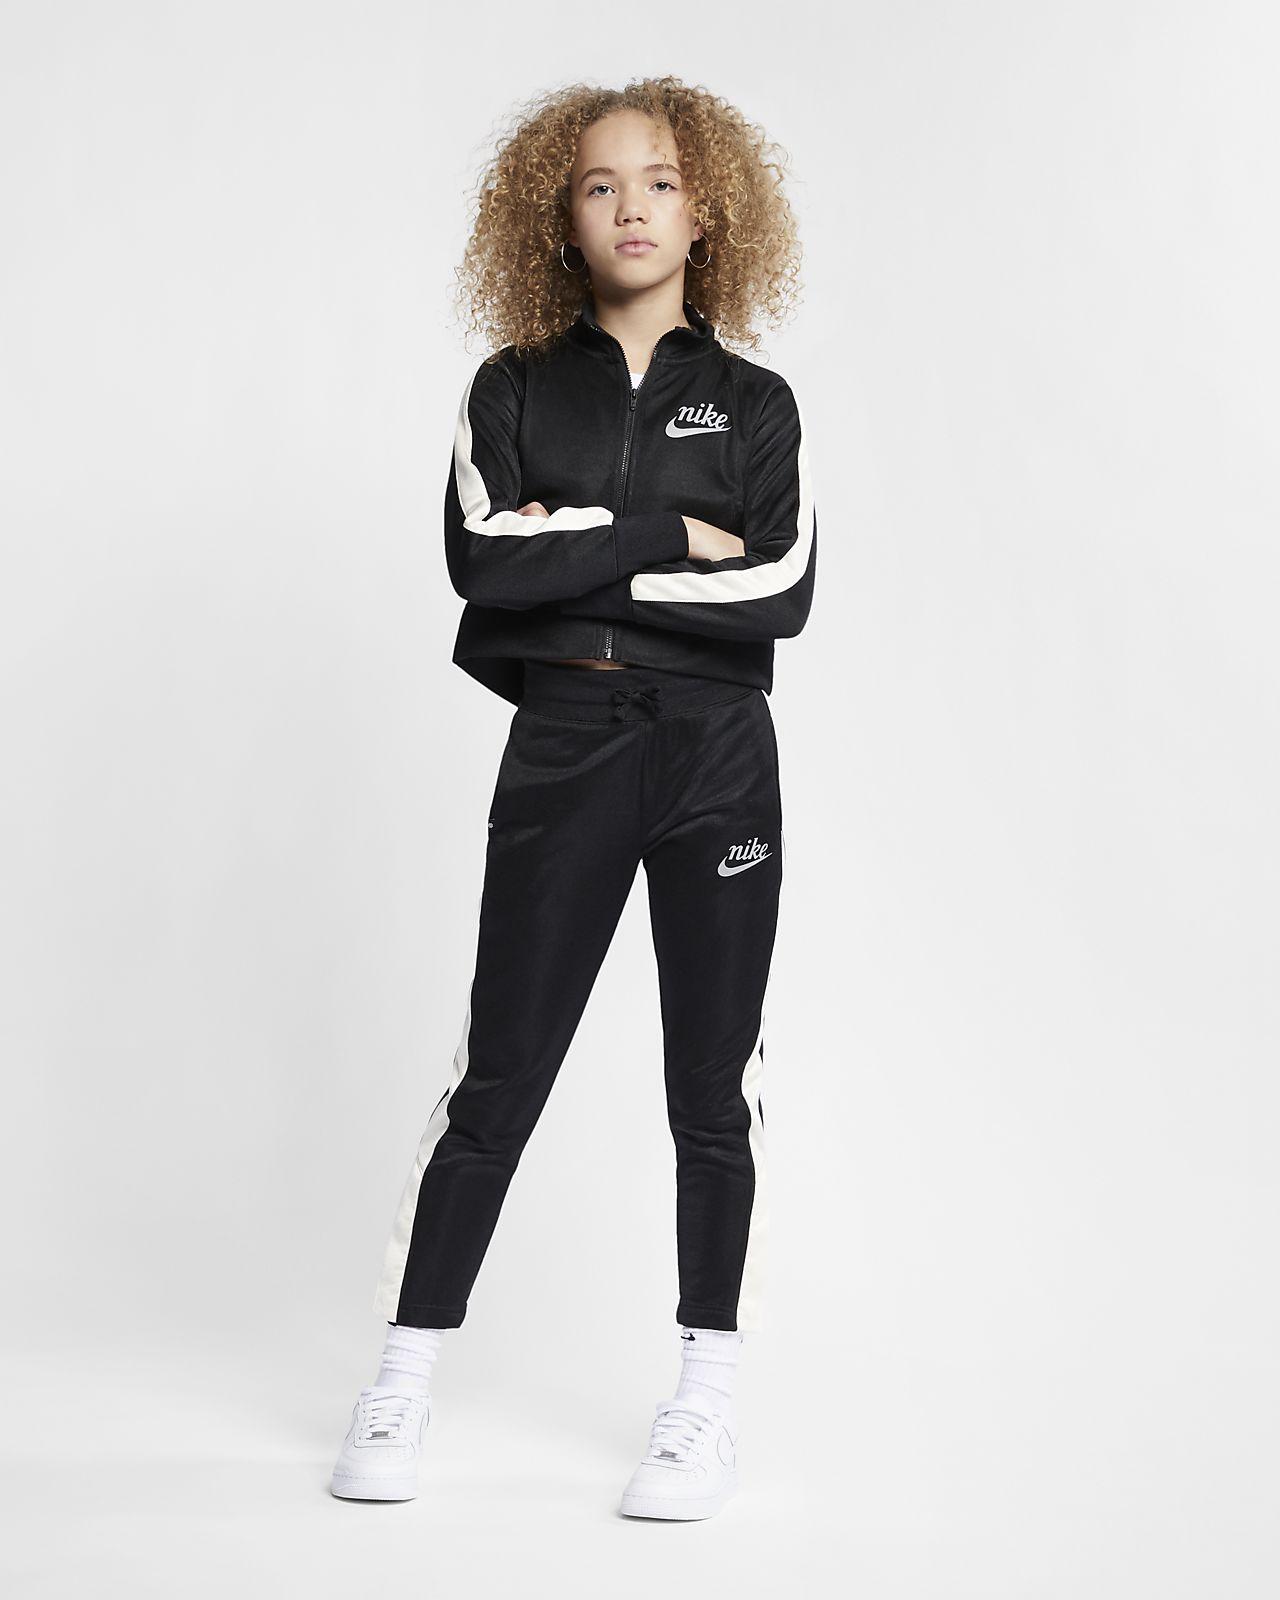 Jacka Nike Sportswear för ungdom (tjejer)